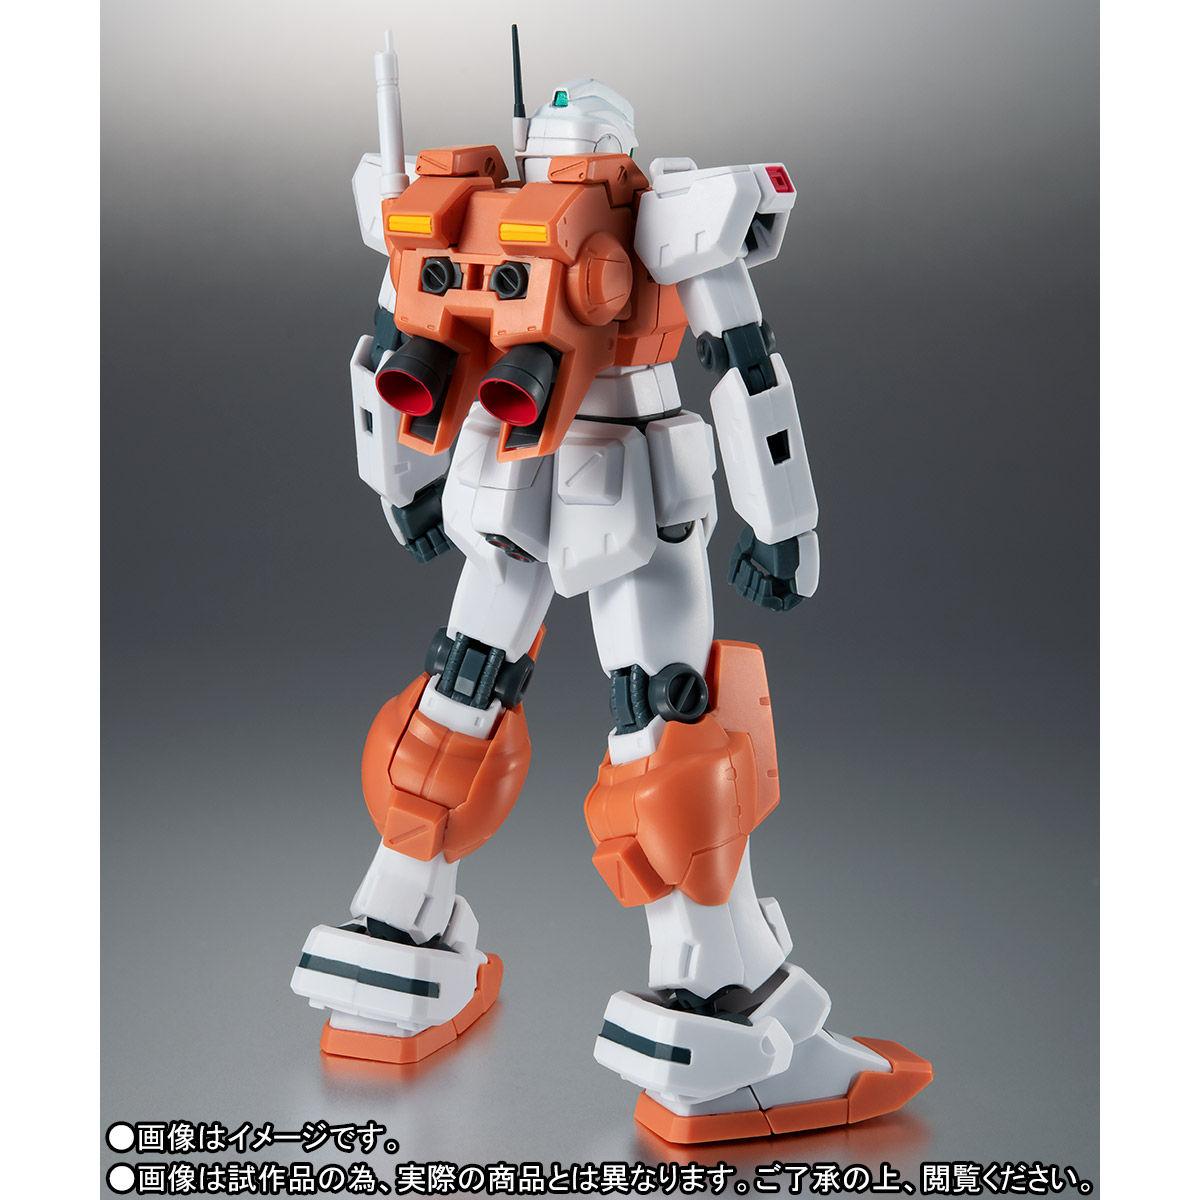 【限定販売】ROBOT魂〈SIDE MS〉『RGM-79 パワード・ジム ver. A.N.I.M.E.』ガンダム0083 可動フィギュア-003